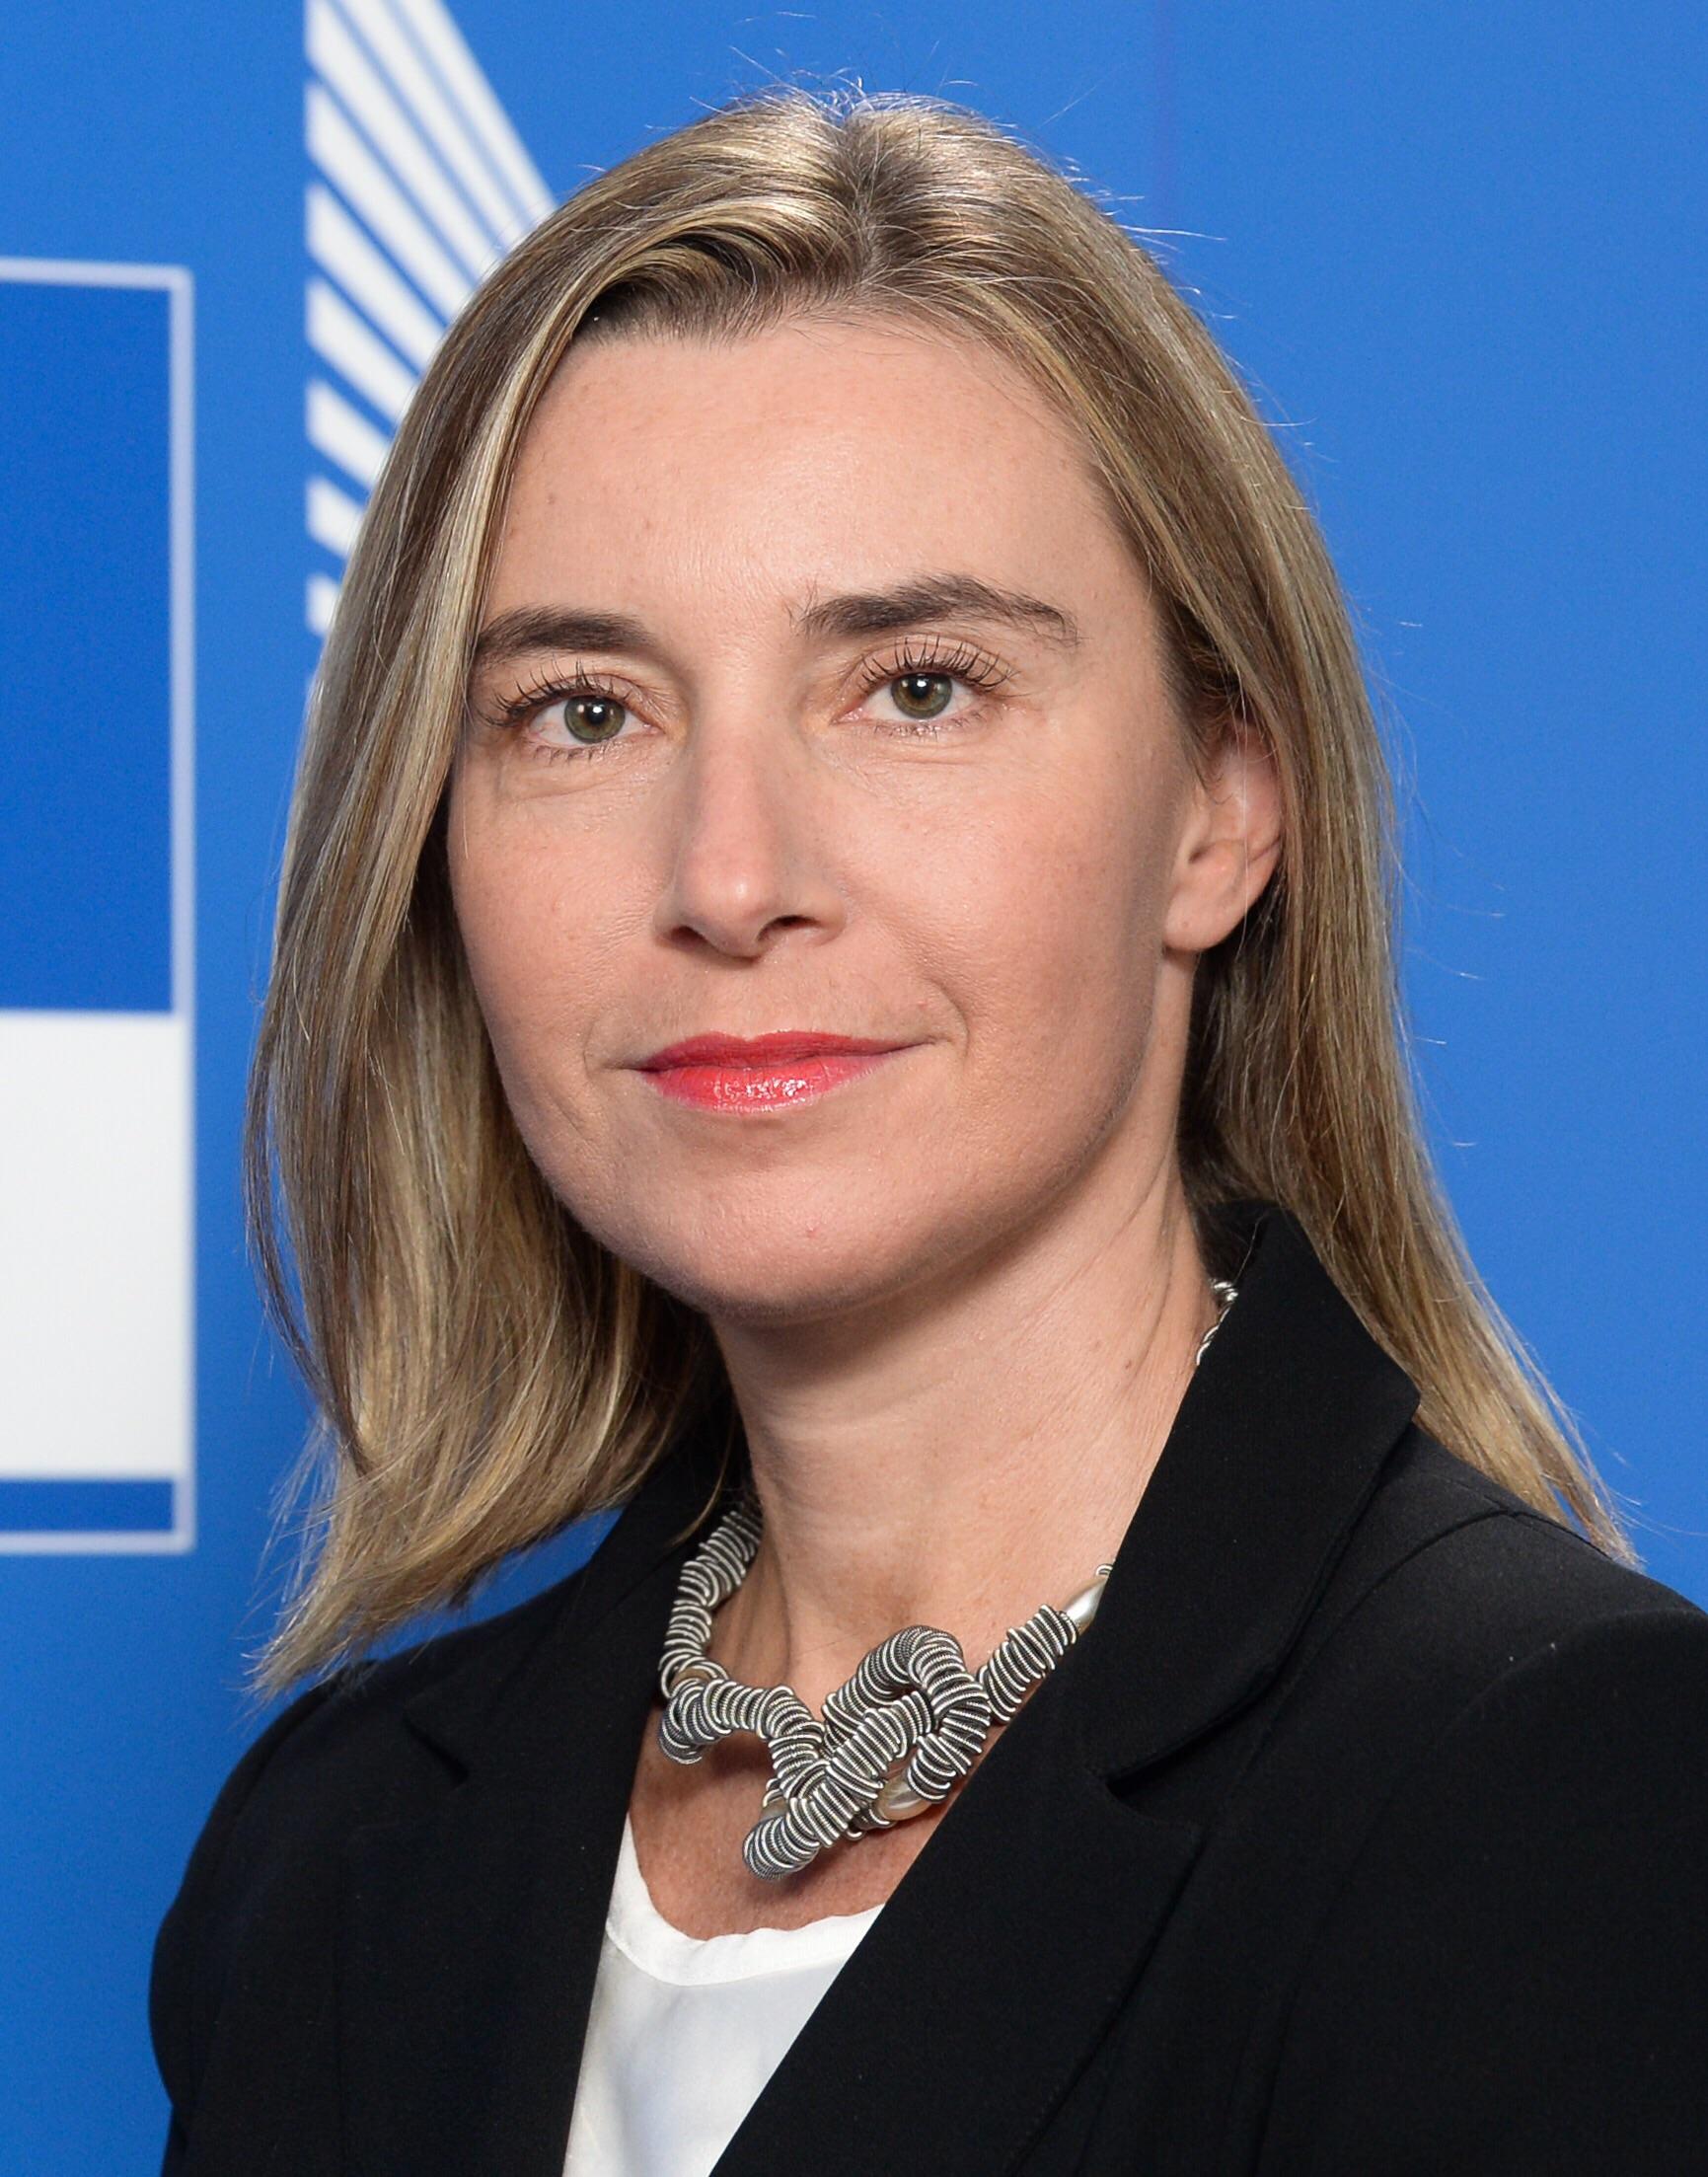 Veja o que saiu no Migalhas sobre Federica Mogherini